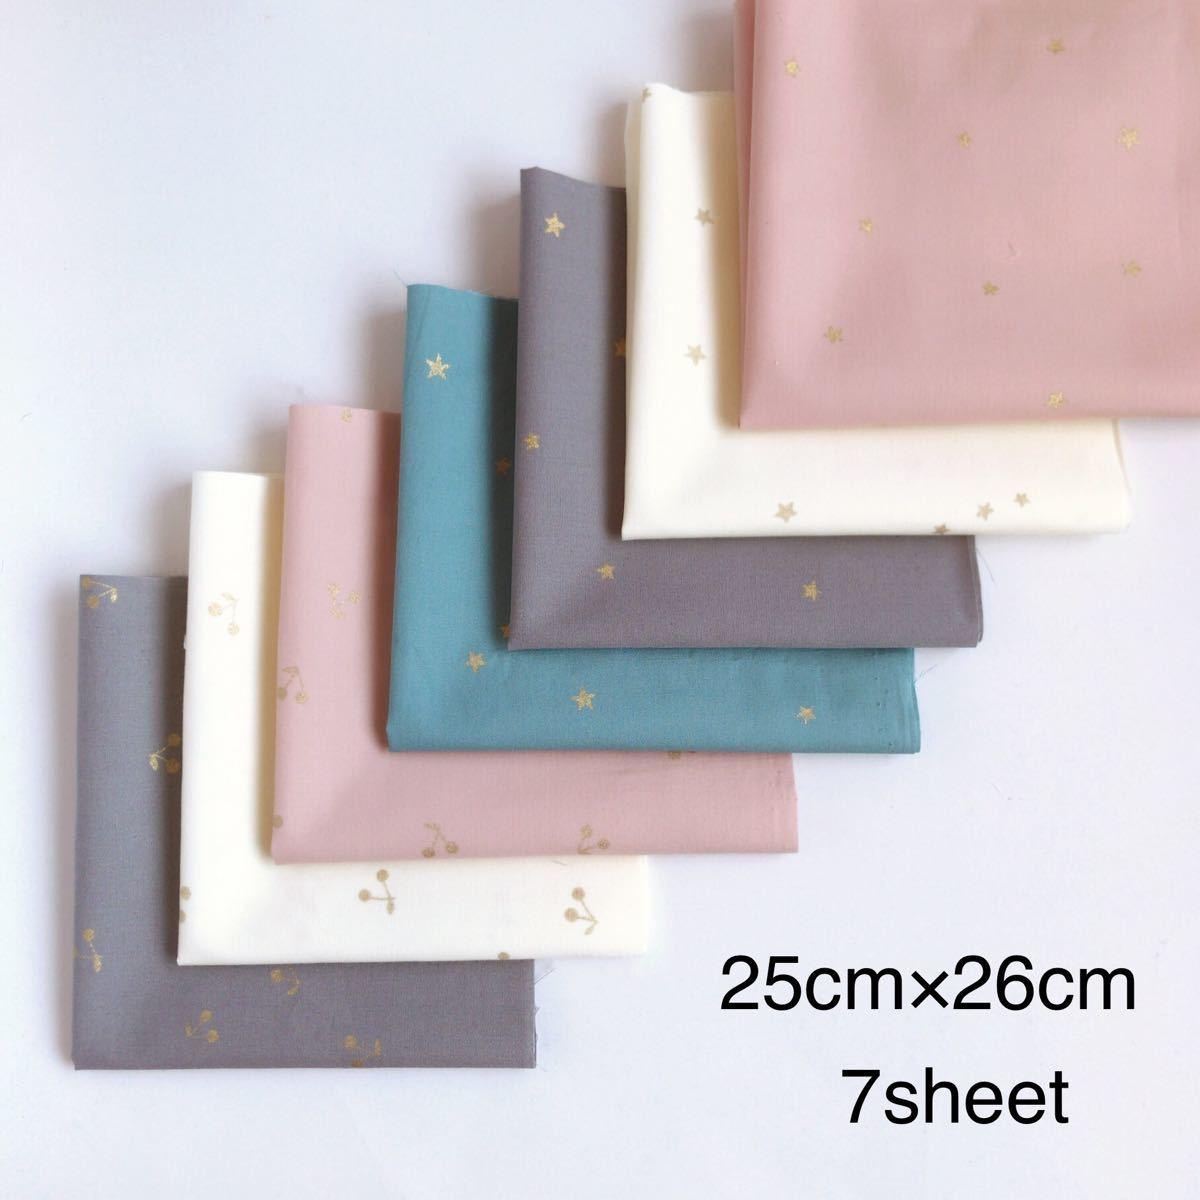 カットクロス 7枚 生地*チェリー 3色*星降るブロード 4色 くすみカラー はぎれ 小物作り ハンドメイド